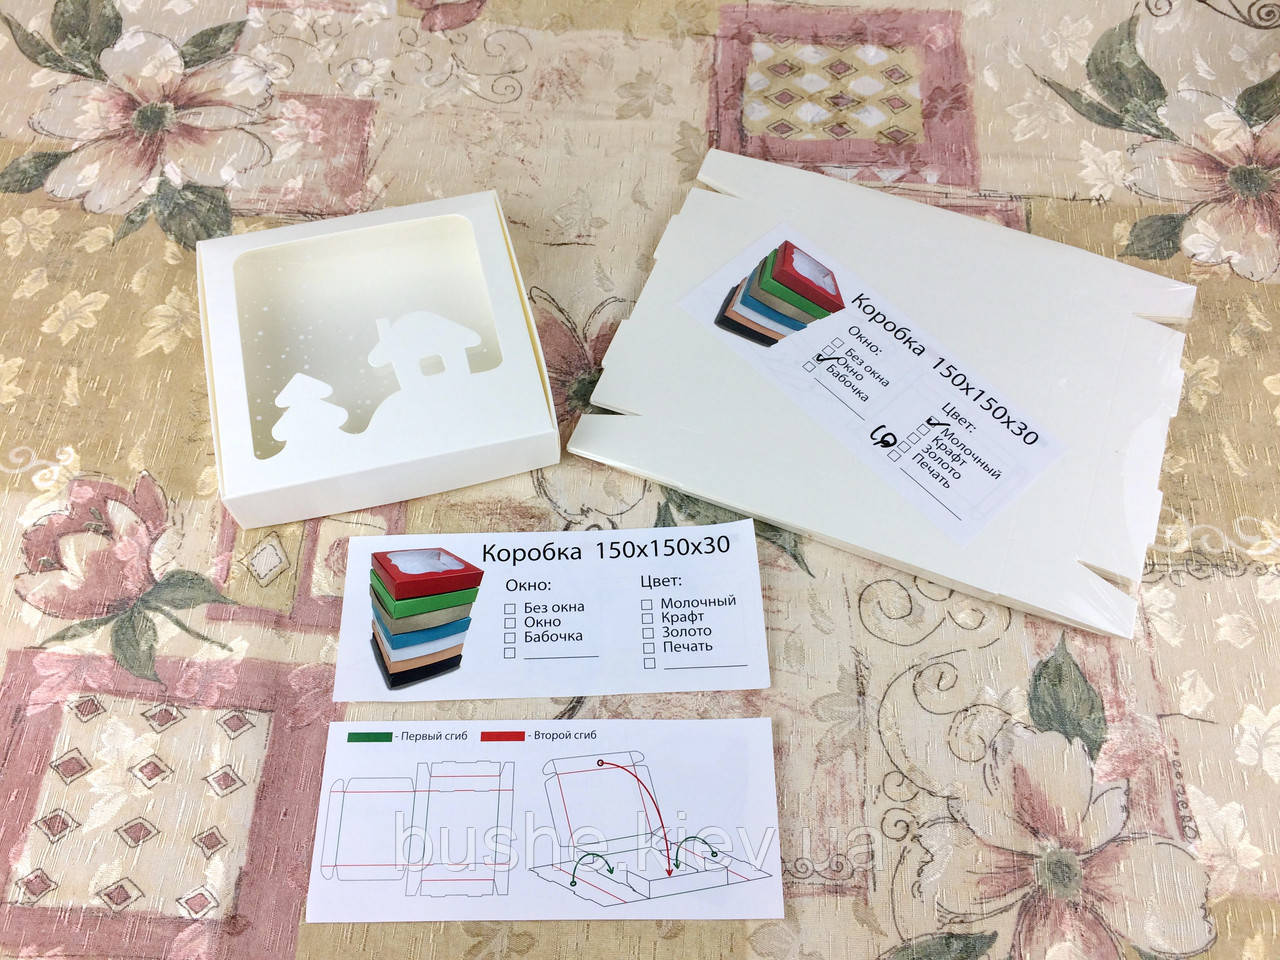 Коробка для пряников / 150х150х30 мм / Молочн / окно-НГ / НГ